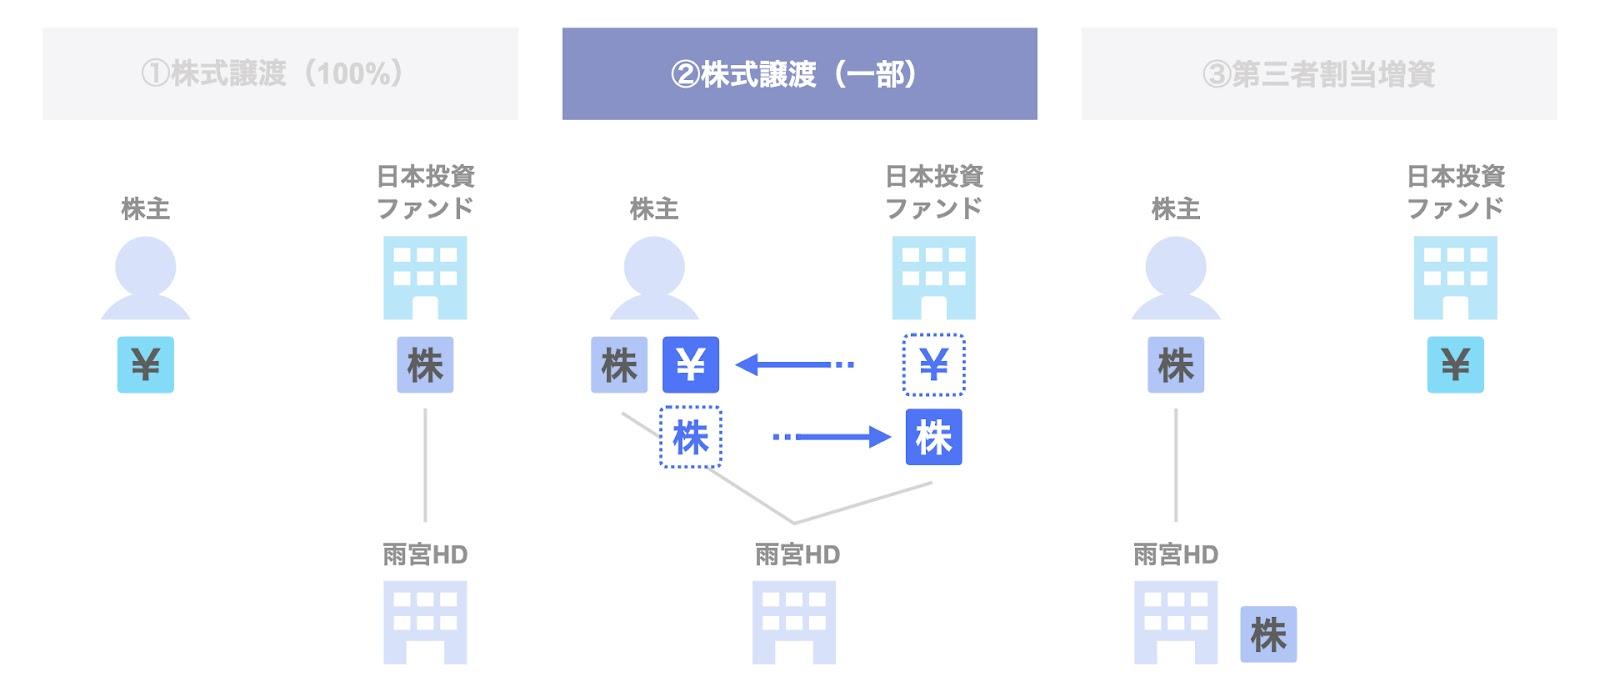 日本投資ファンドによる雨宮ホールディングスの投資事例:株式譲渡(一部)